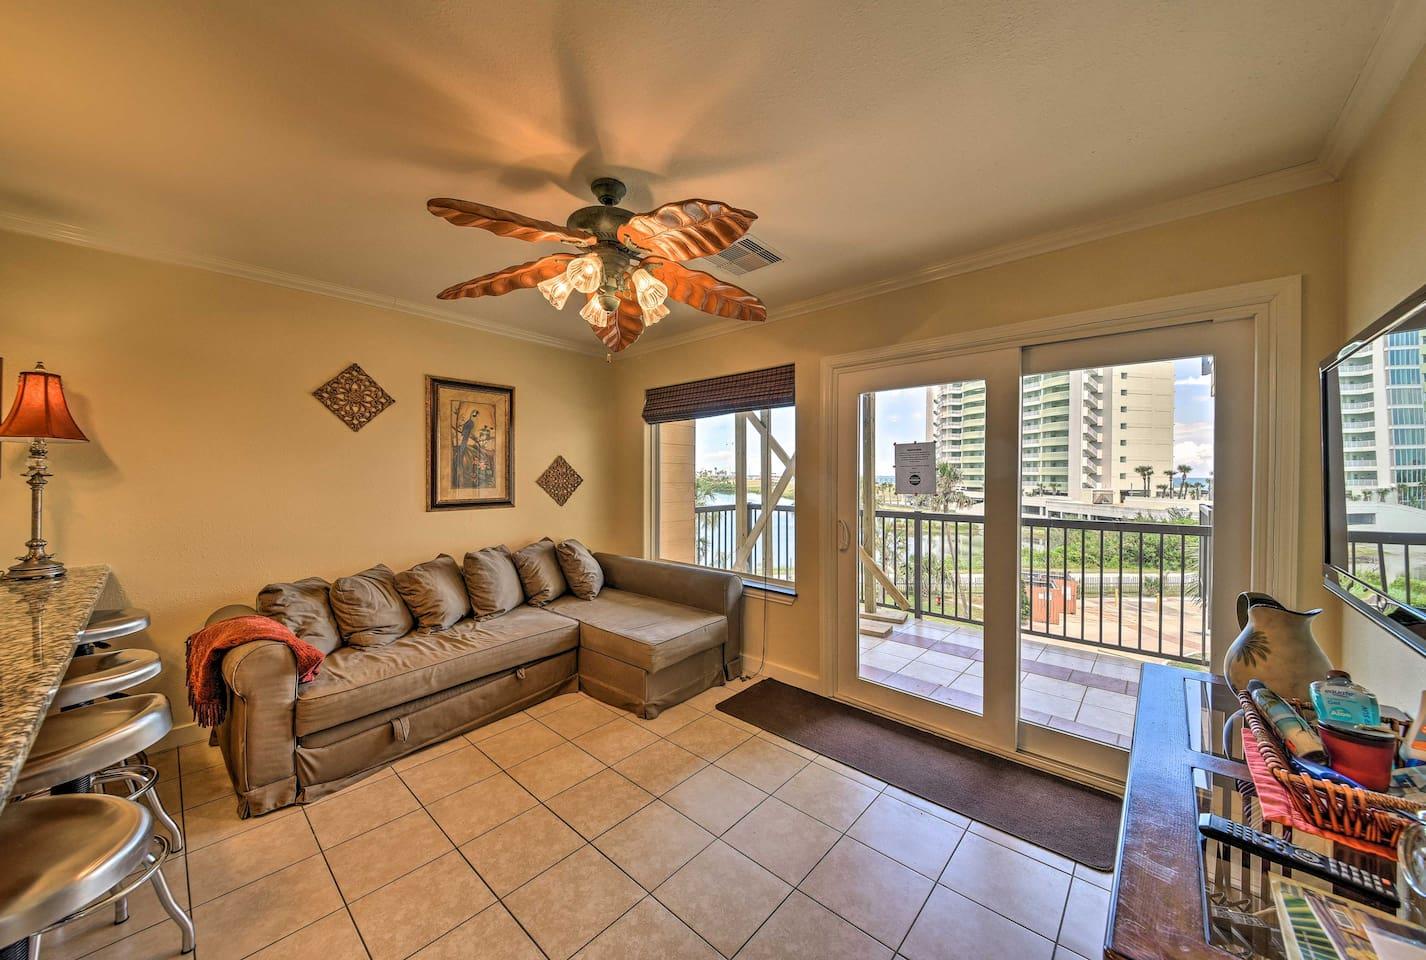 NEW! Cozy Galveston Condo 5 Mins to Moody Gardens! - Condominiums ...